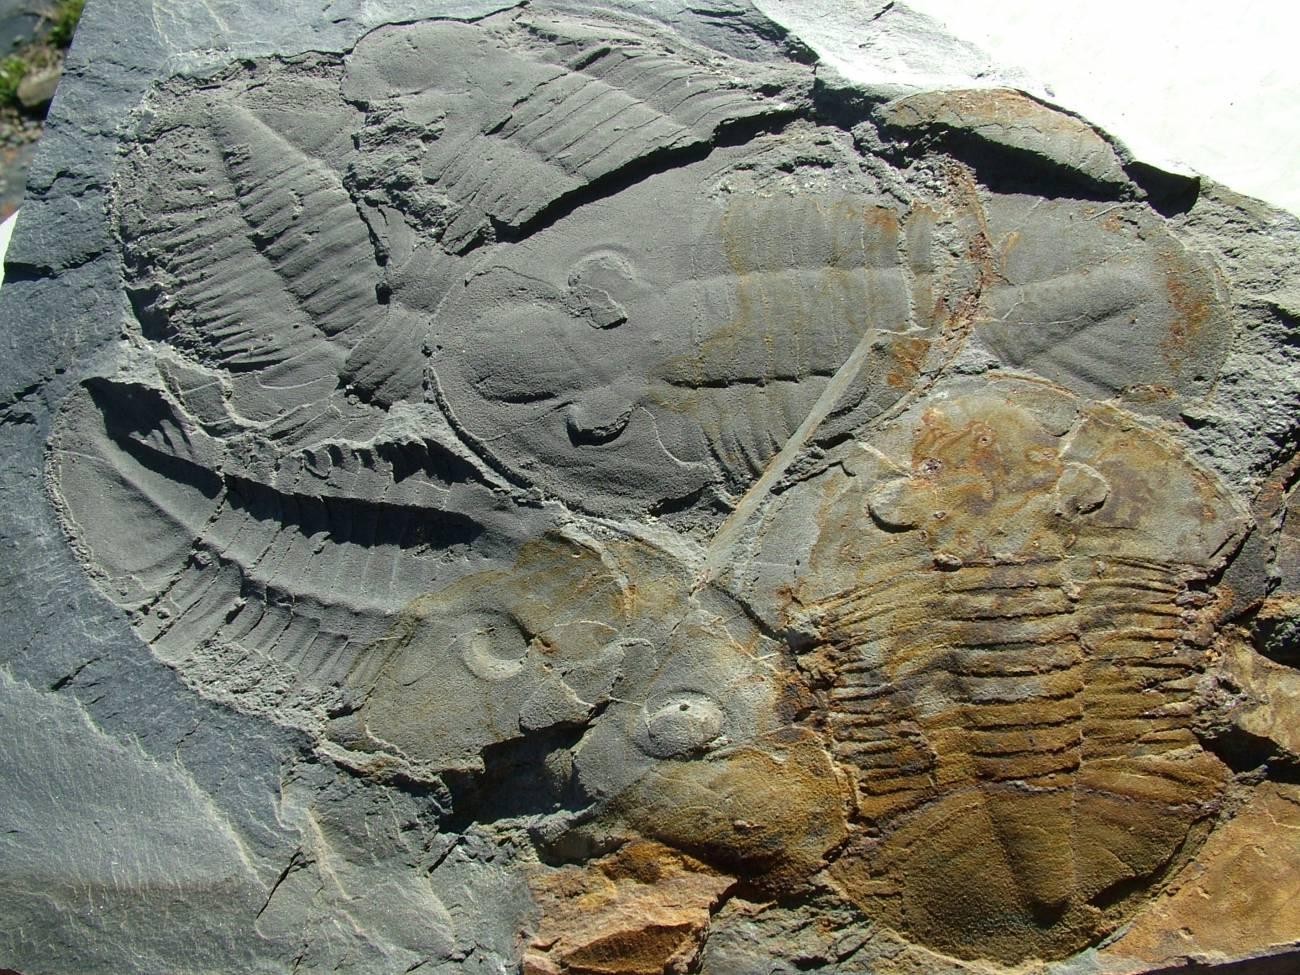 Imágenes de los trilobites encontrados en Portugal